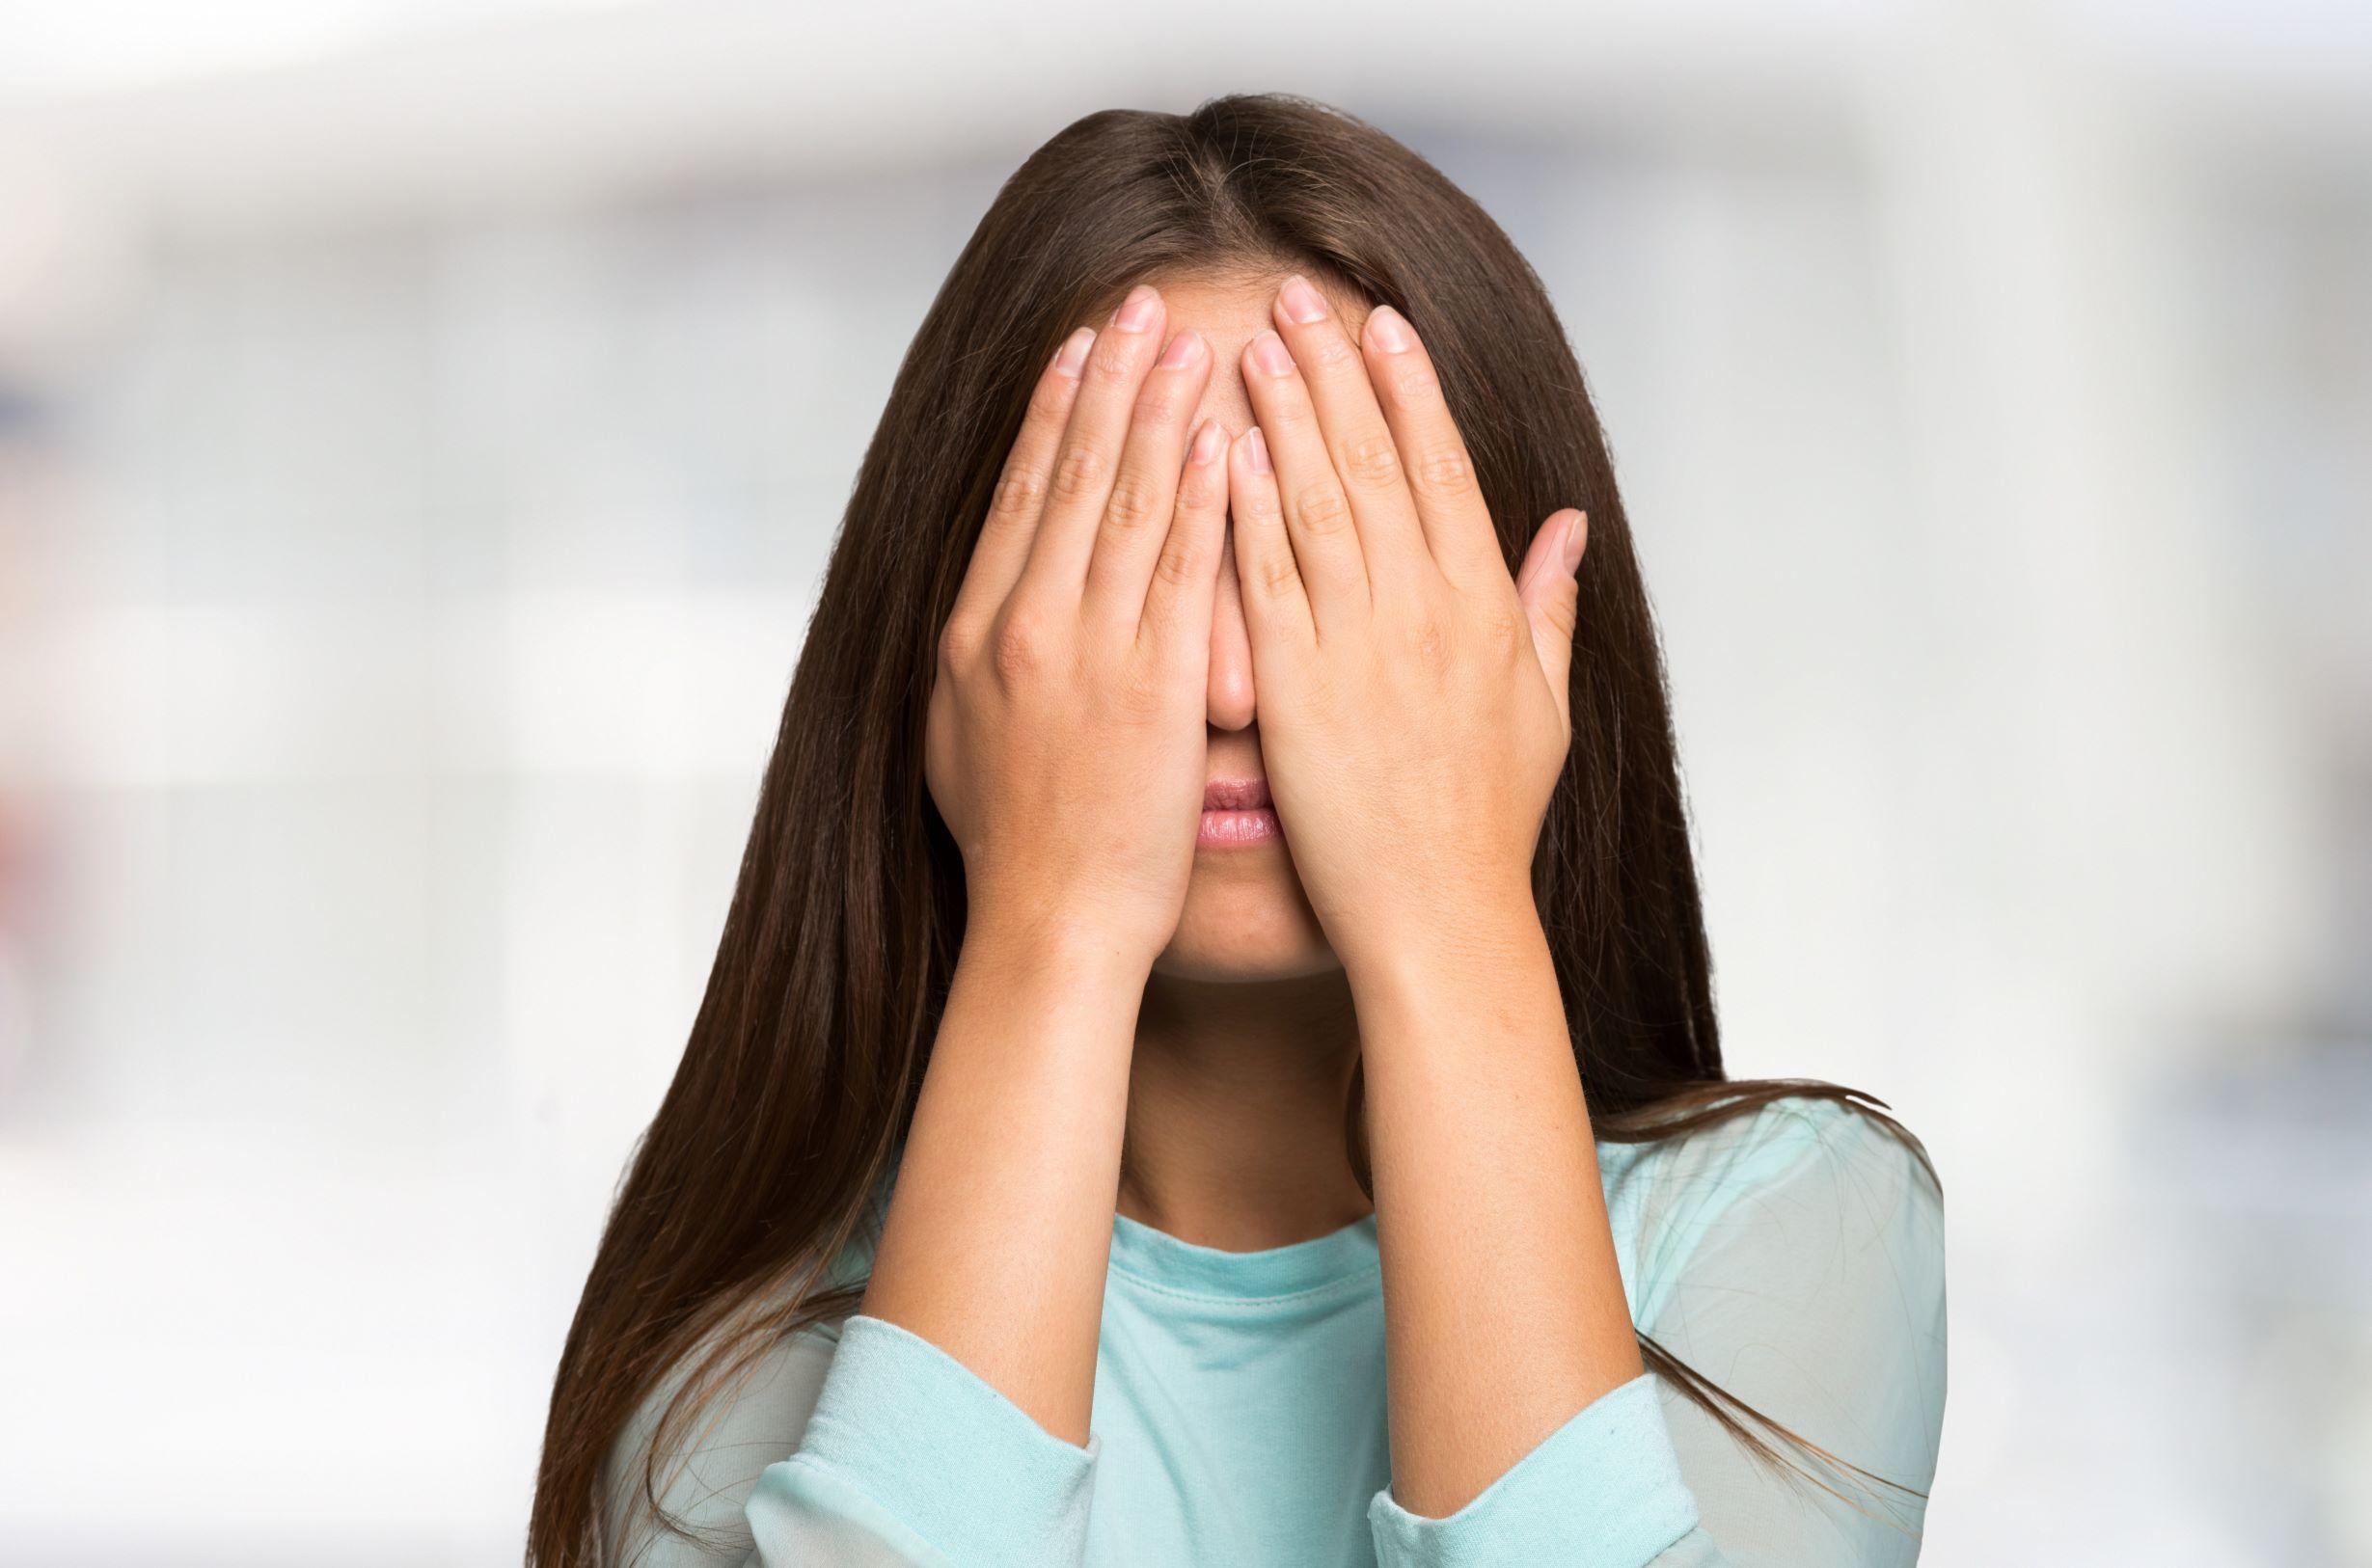 Hogyan-tudod-megkulonboztetni-az-introvertalt-embert-a-szocialis-fobiaban-szenvedotol